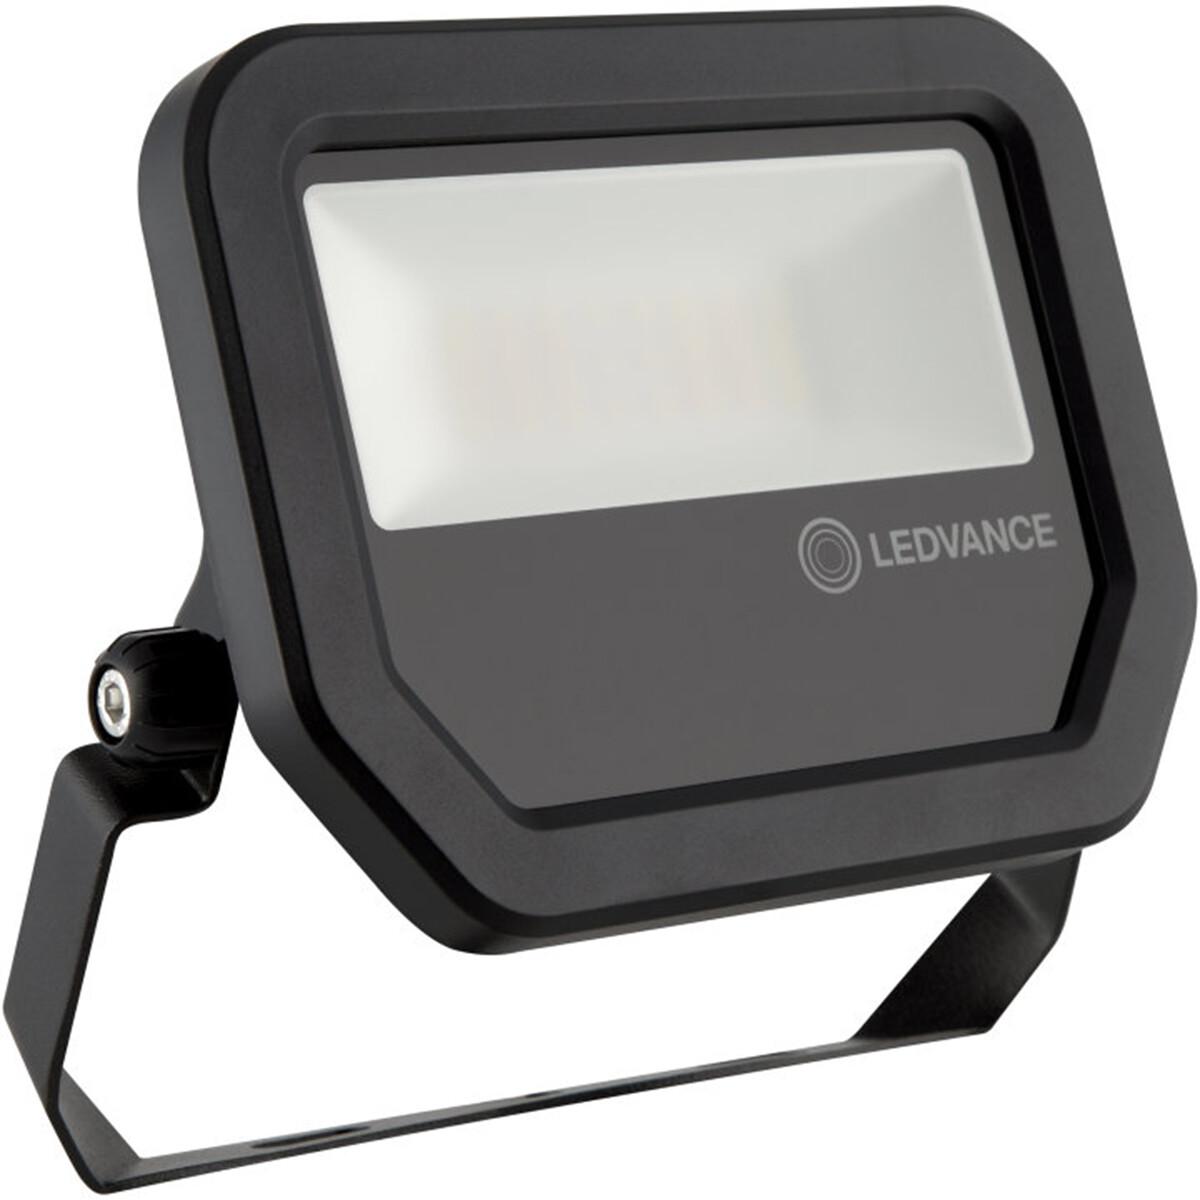 OSRAM - LEDVANCE - LED Breedstraler 20 Watt - LED Schijnwerper - FL PFM SYM 100 BK - Warm Wit 3000K